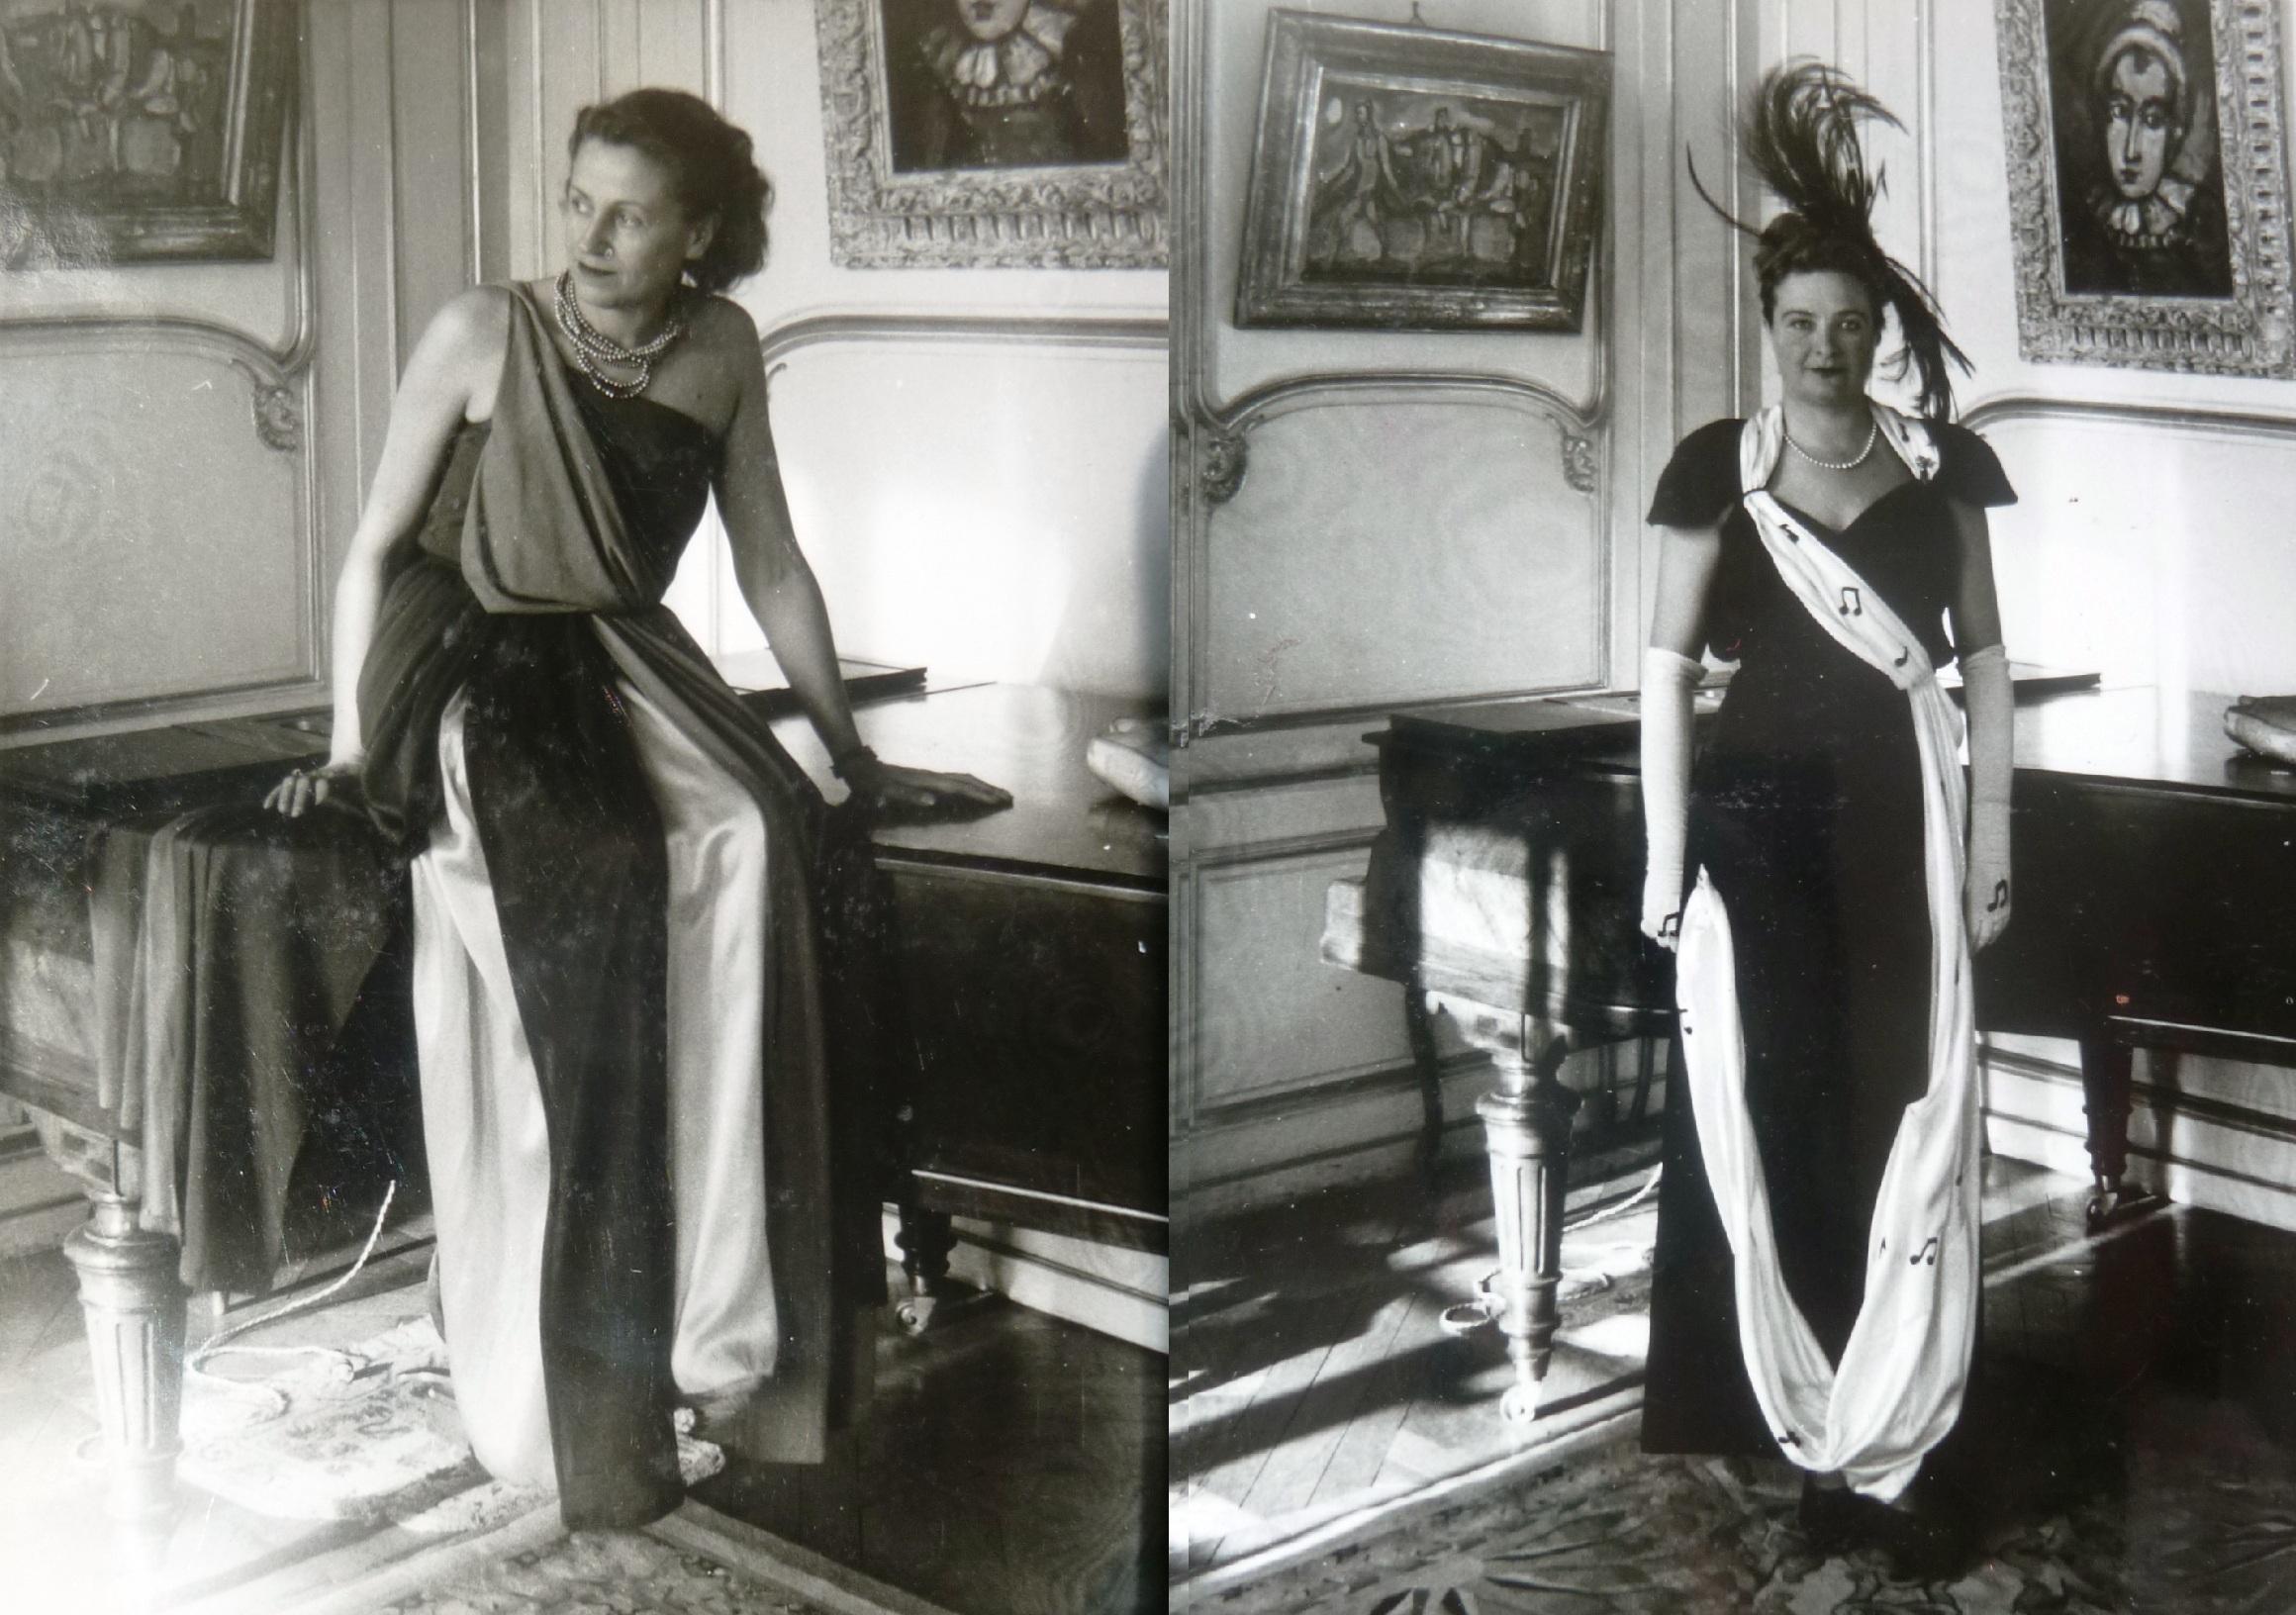 """Prouvost-Beatrice-Leclercq-Jeannette-chez-Philippe-leclercq-Association """"Le Paris du Nord""""  協會 """"北部巴黎-Thierry-Prouvost-蒂埃里•普罗沃"""